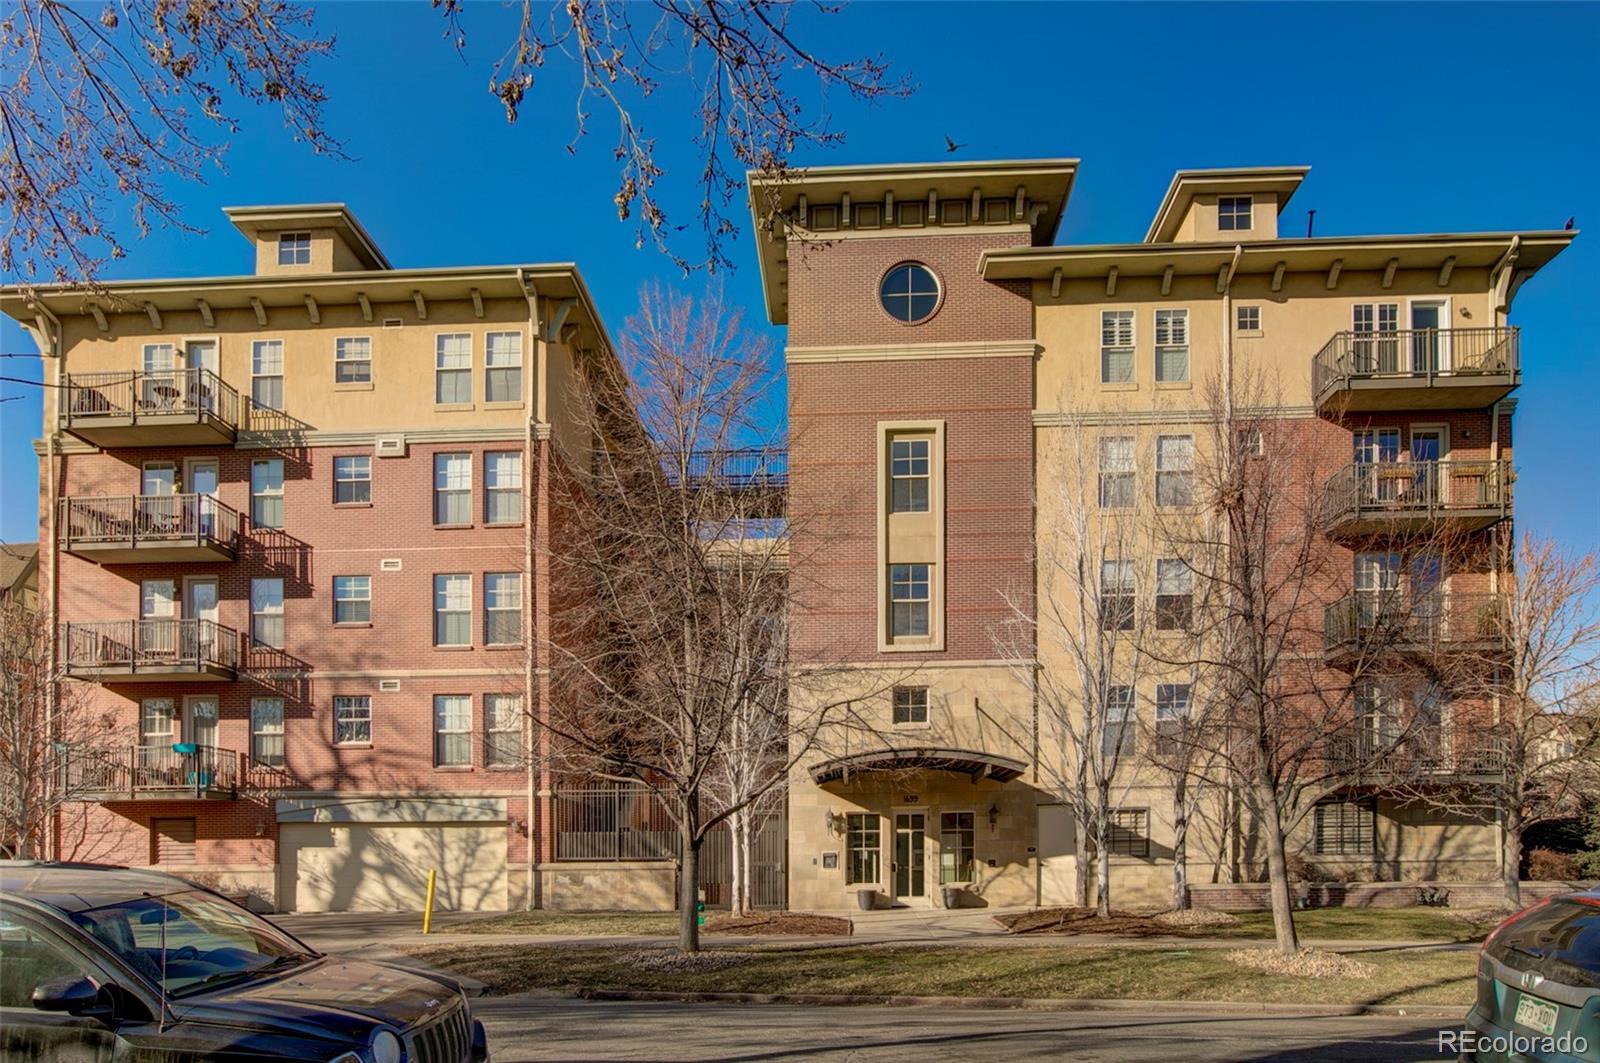 1699 N Downing Street #106, Denver, CO 80218 - Denver, CO real estate listing